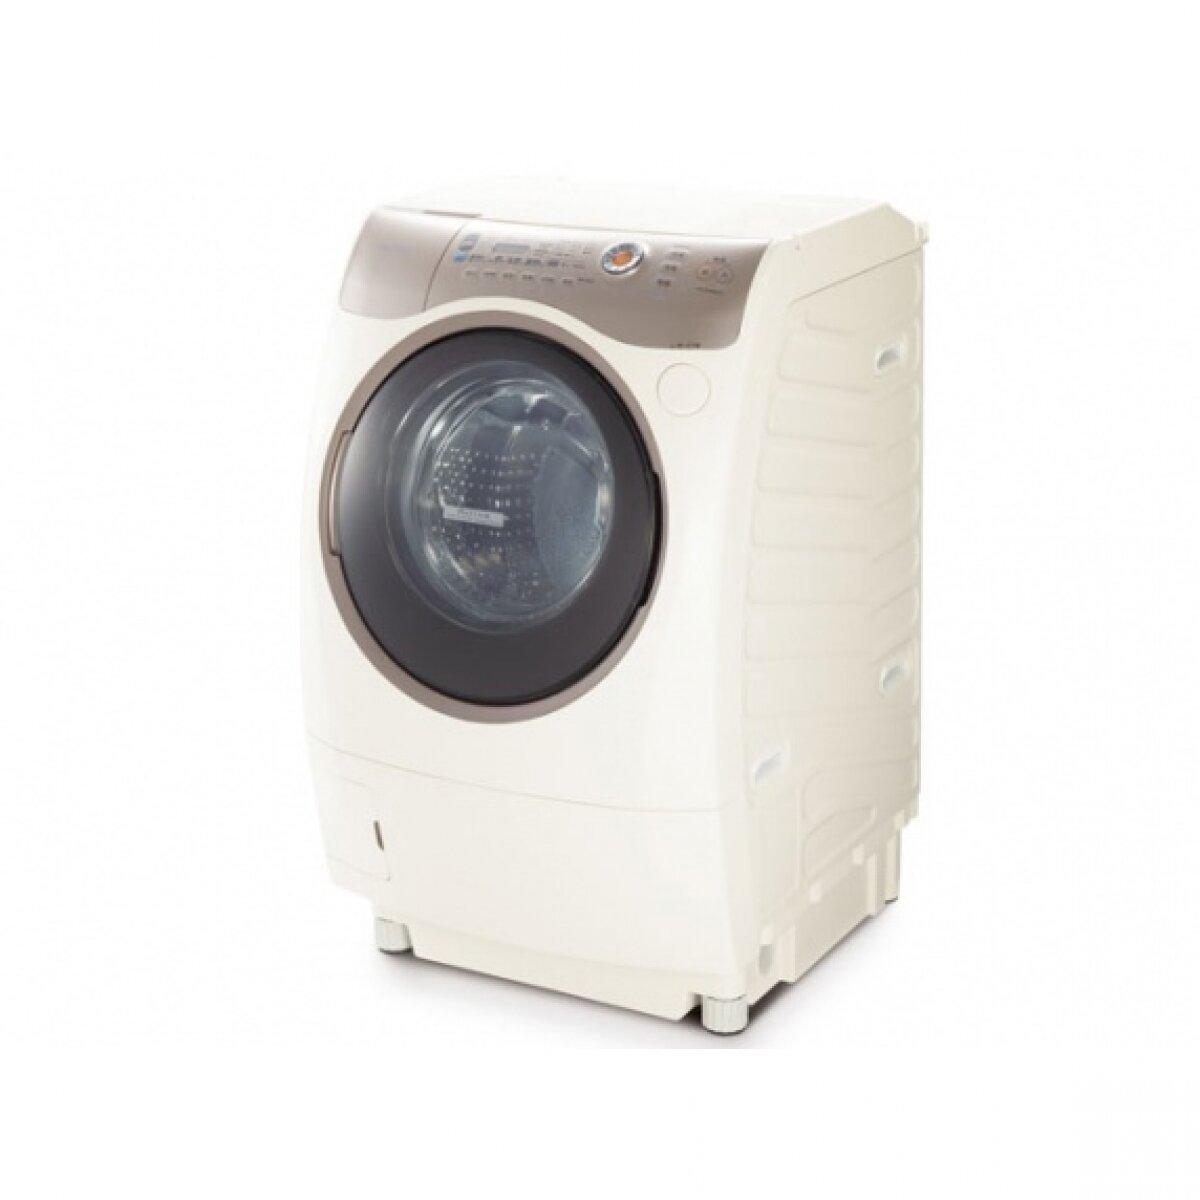 Máy giặt Toshiba TW-Z8100 - 9kg